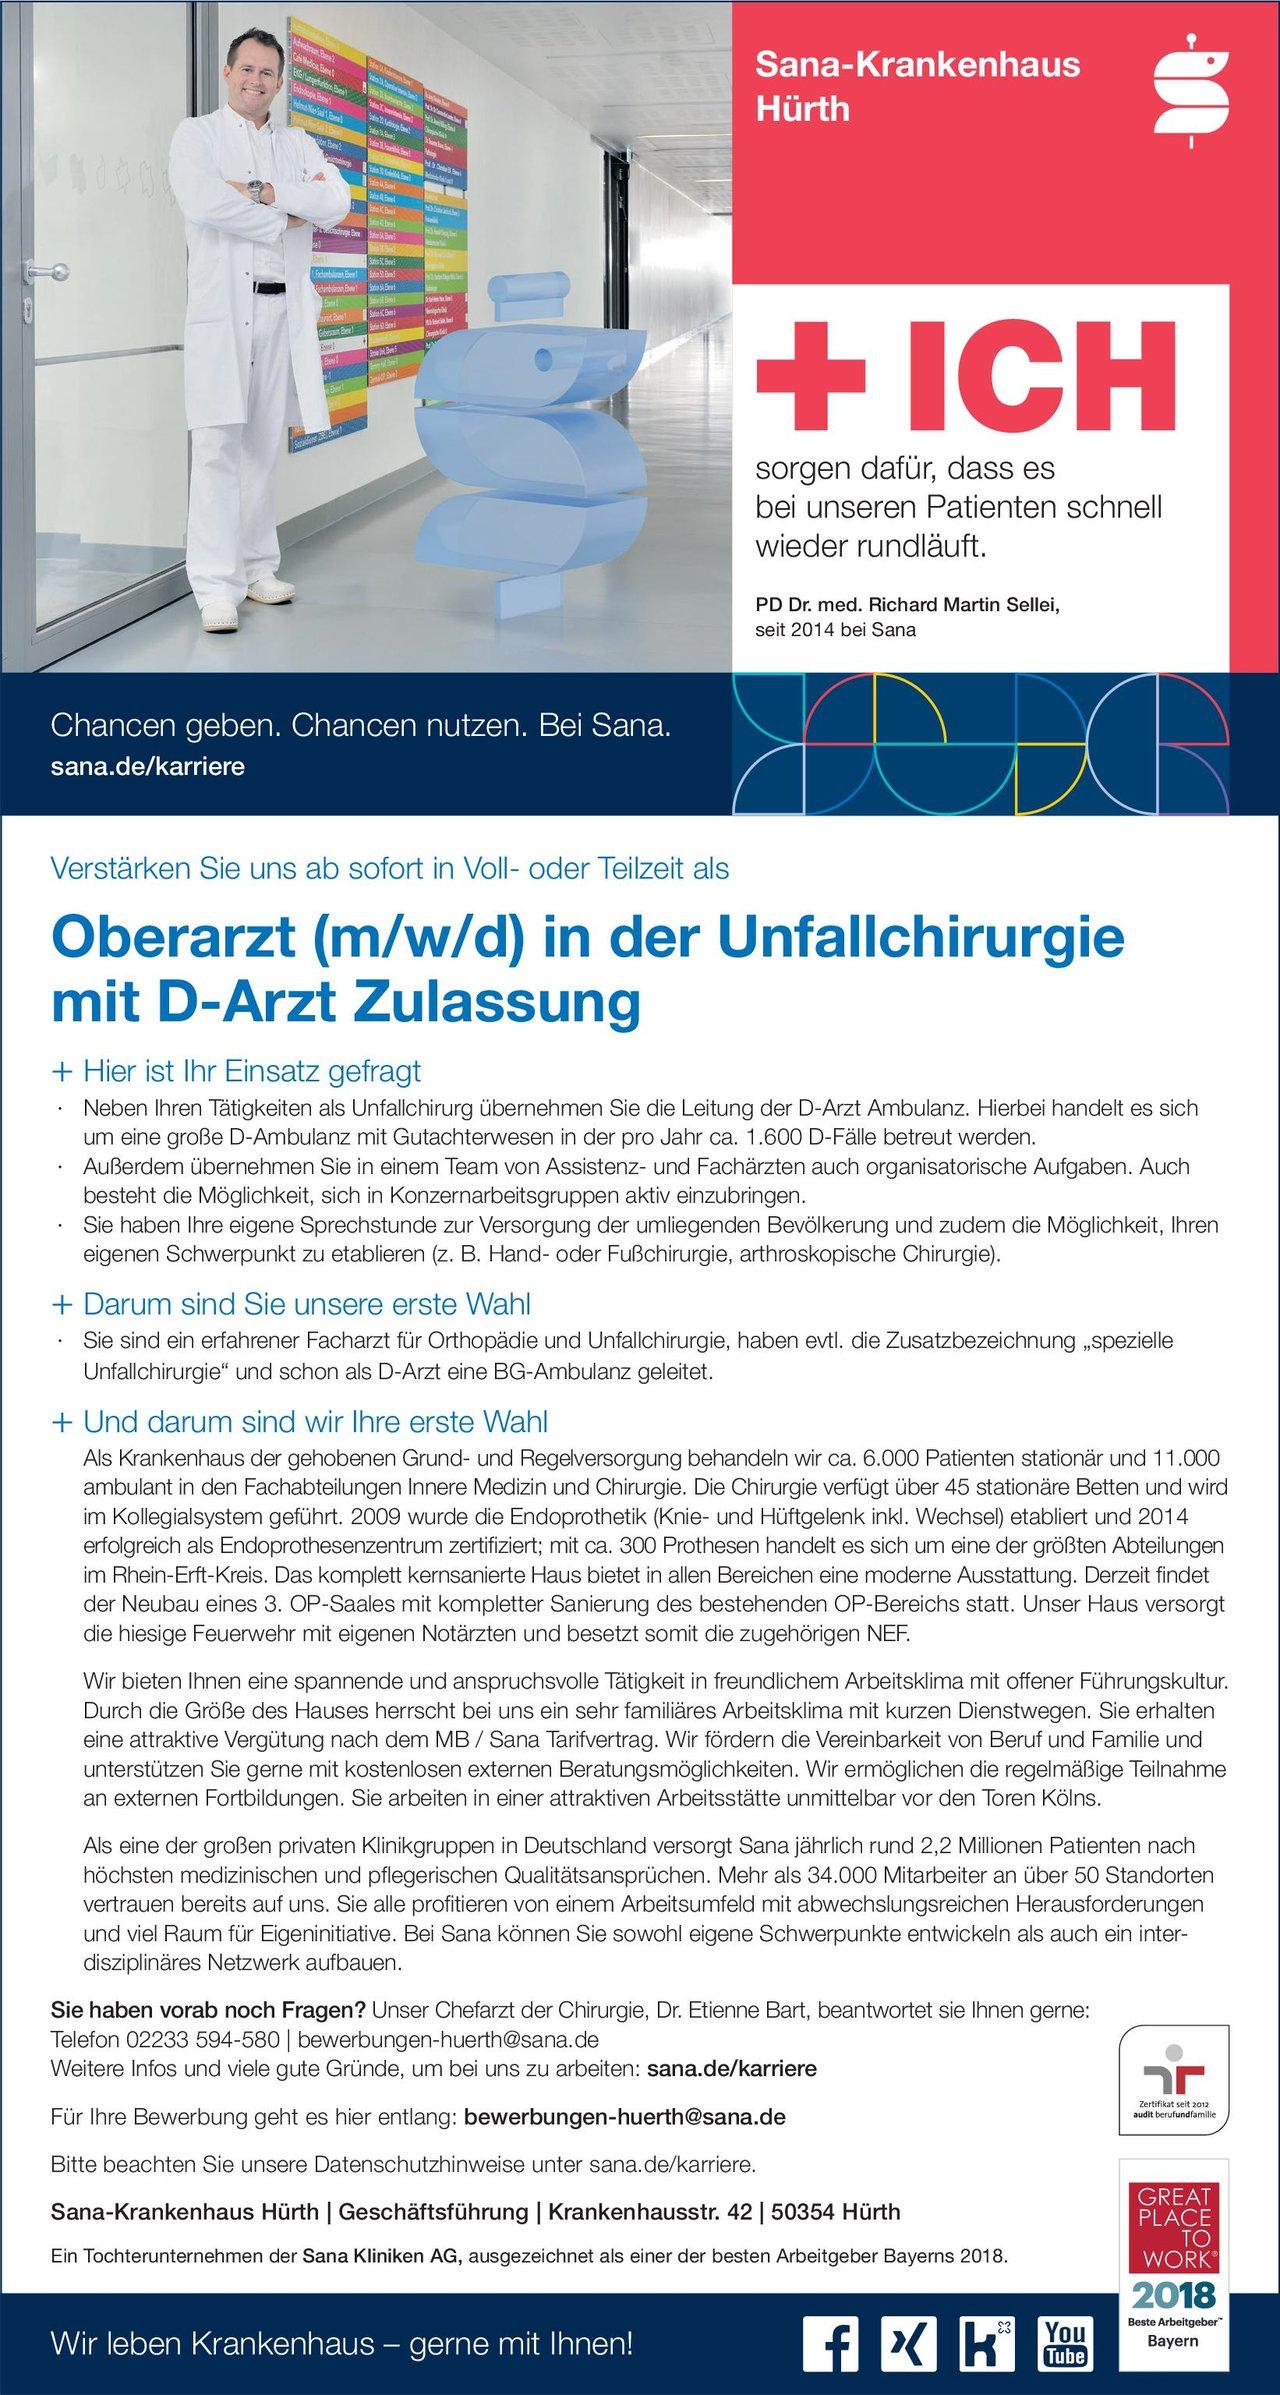 Sana-Krankenhaus Hürth Oberarzt (m/w/d) in der Unfallchirurgie mit D-Arzt Zulassung  Orthopädie und Unfallchirurgie, Chirurgie Oberarzt